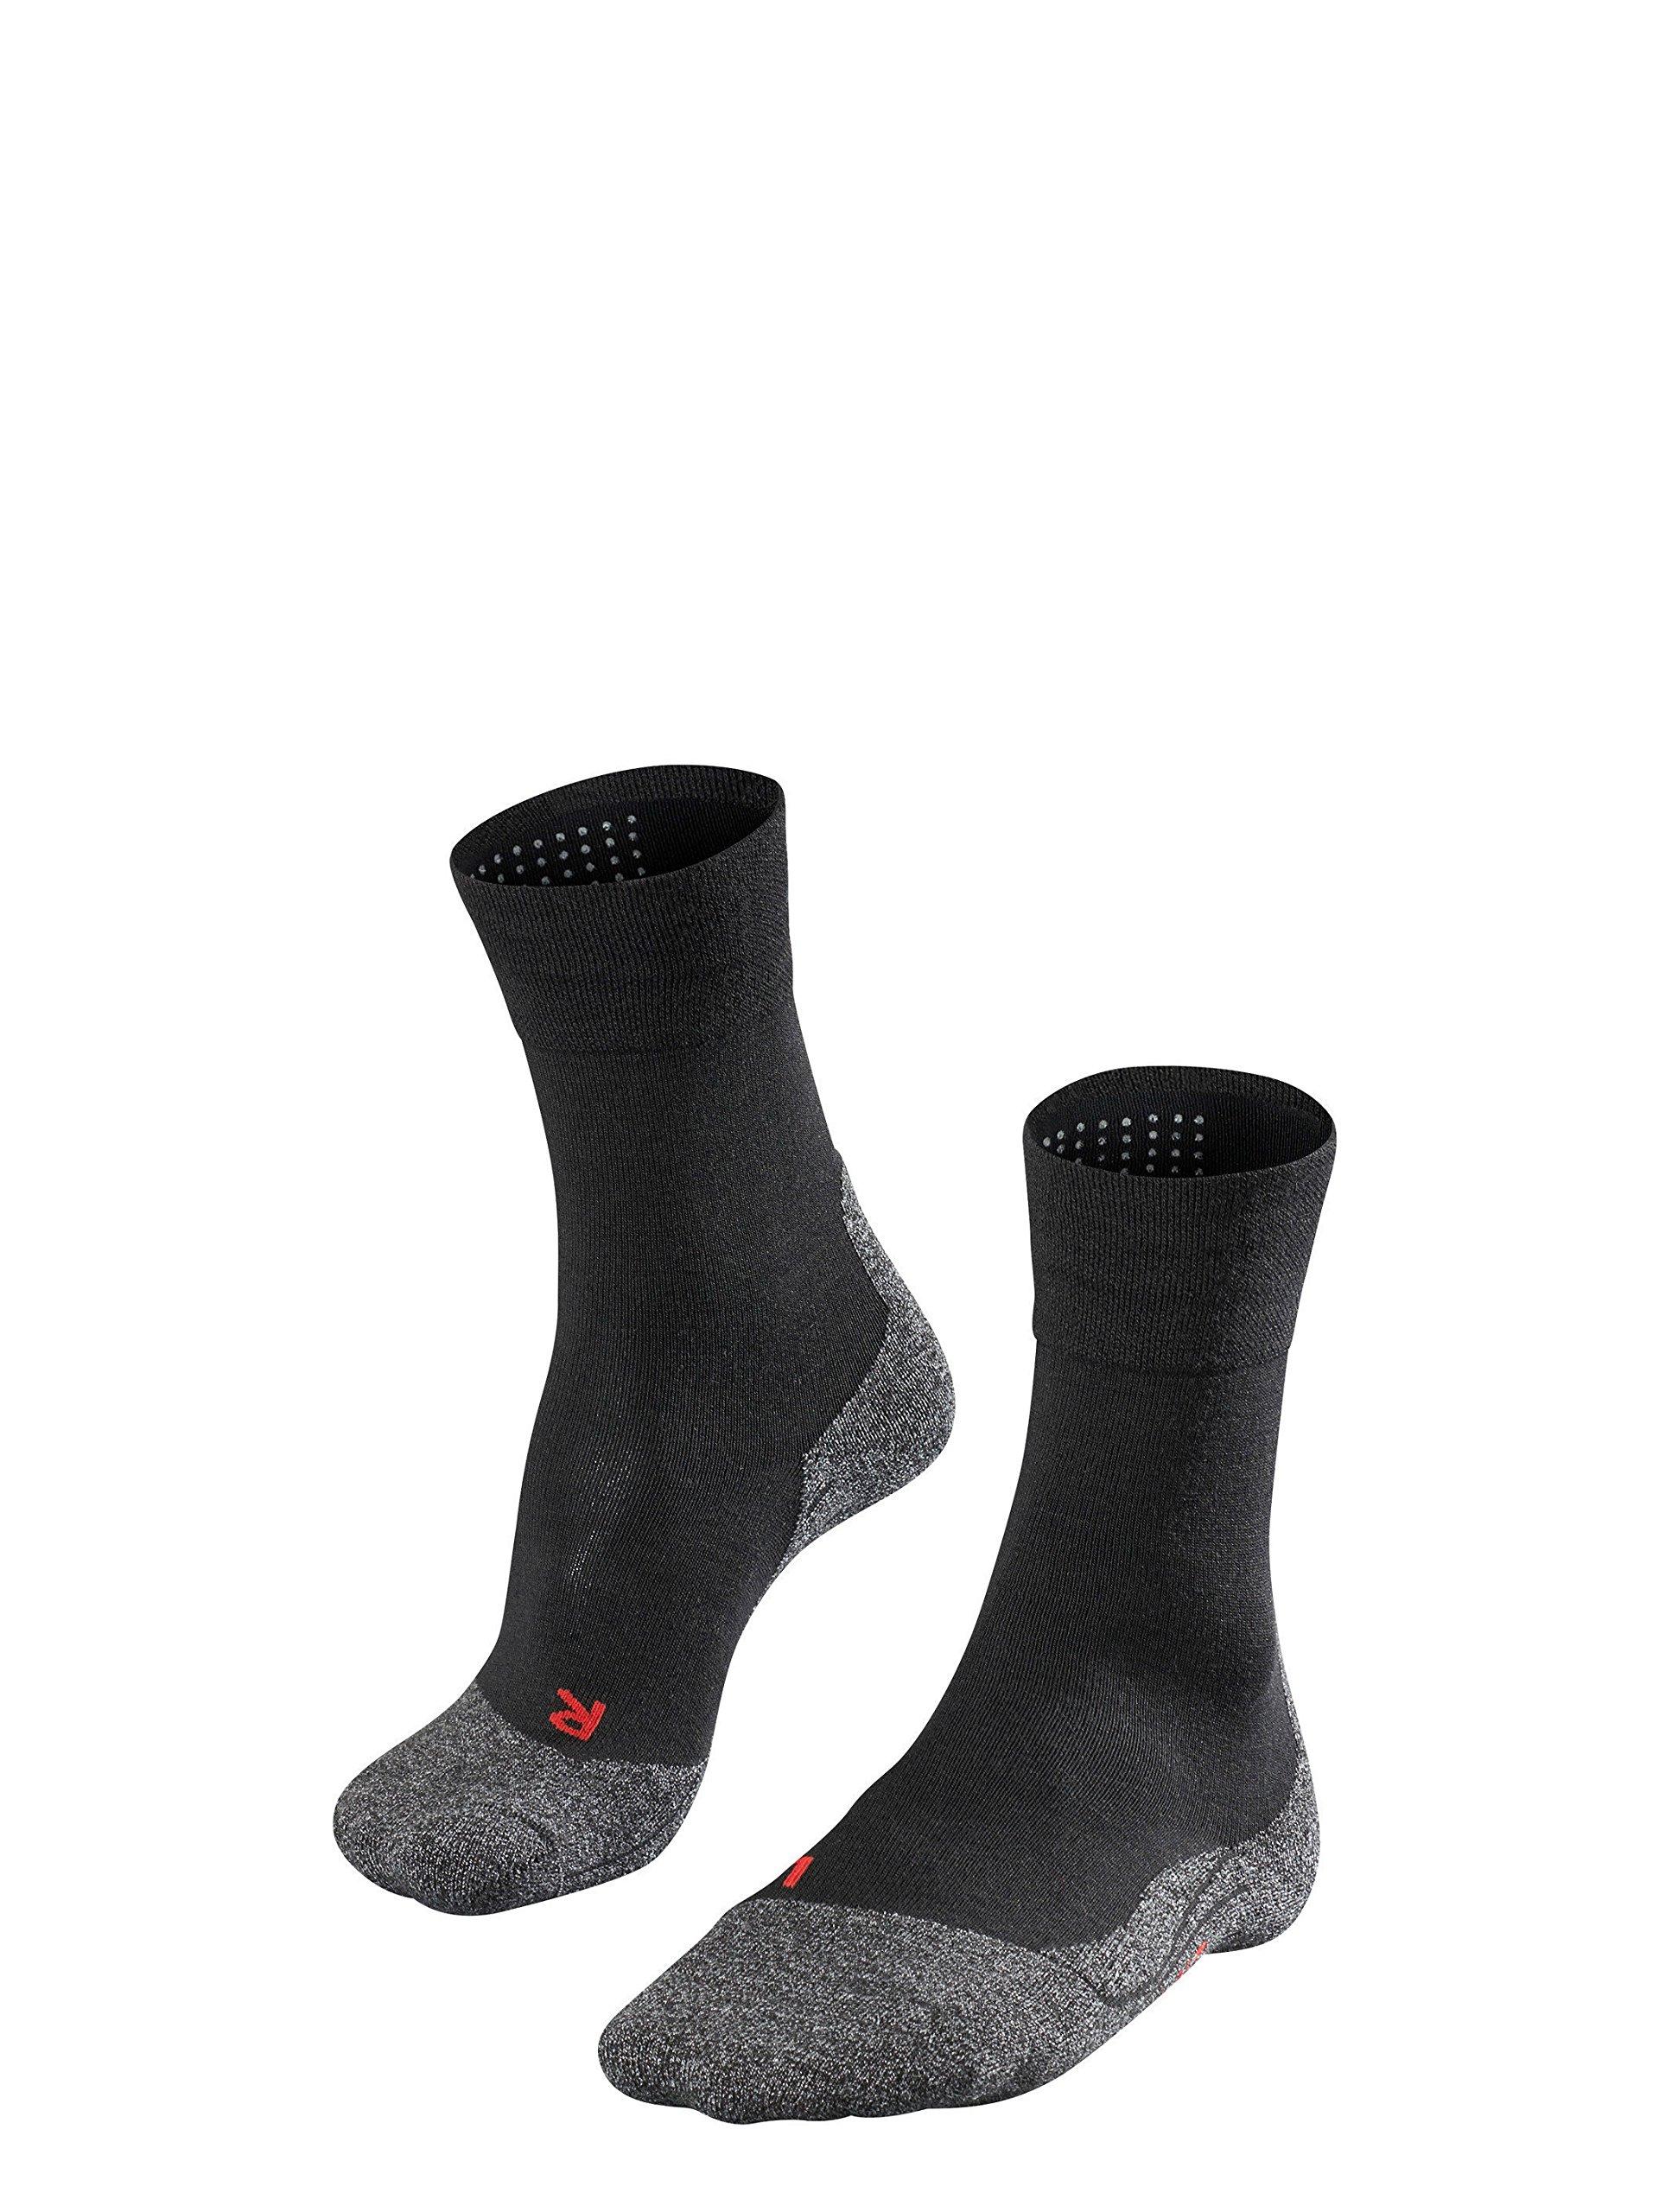 heißester Verkauf Super süße Schlussverkauf FALKE Damen TK2 Sensitive Wandersocken Trekking Socken - Wollgemisch, 1  Paar, versch. Farben, Größe 35-42 - hohe Feuchtigkeitsaufnahme, schützt vor  ...